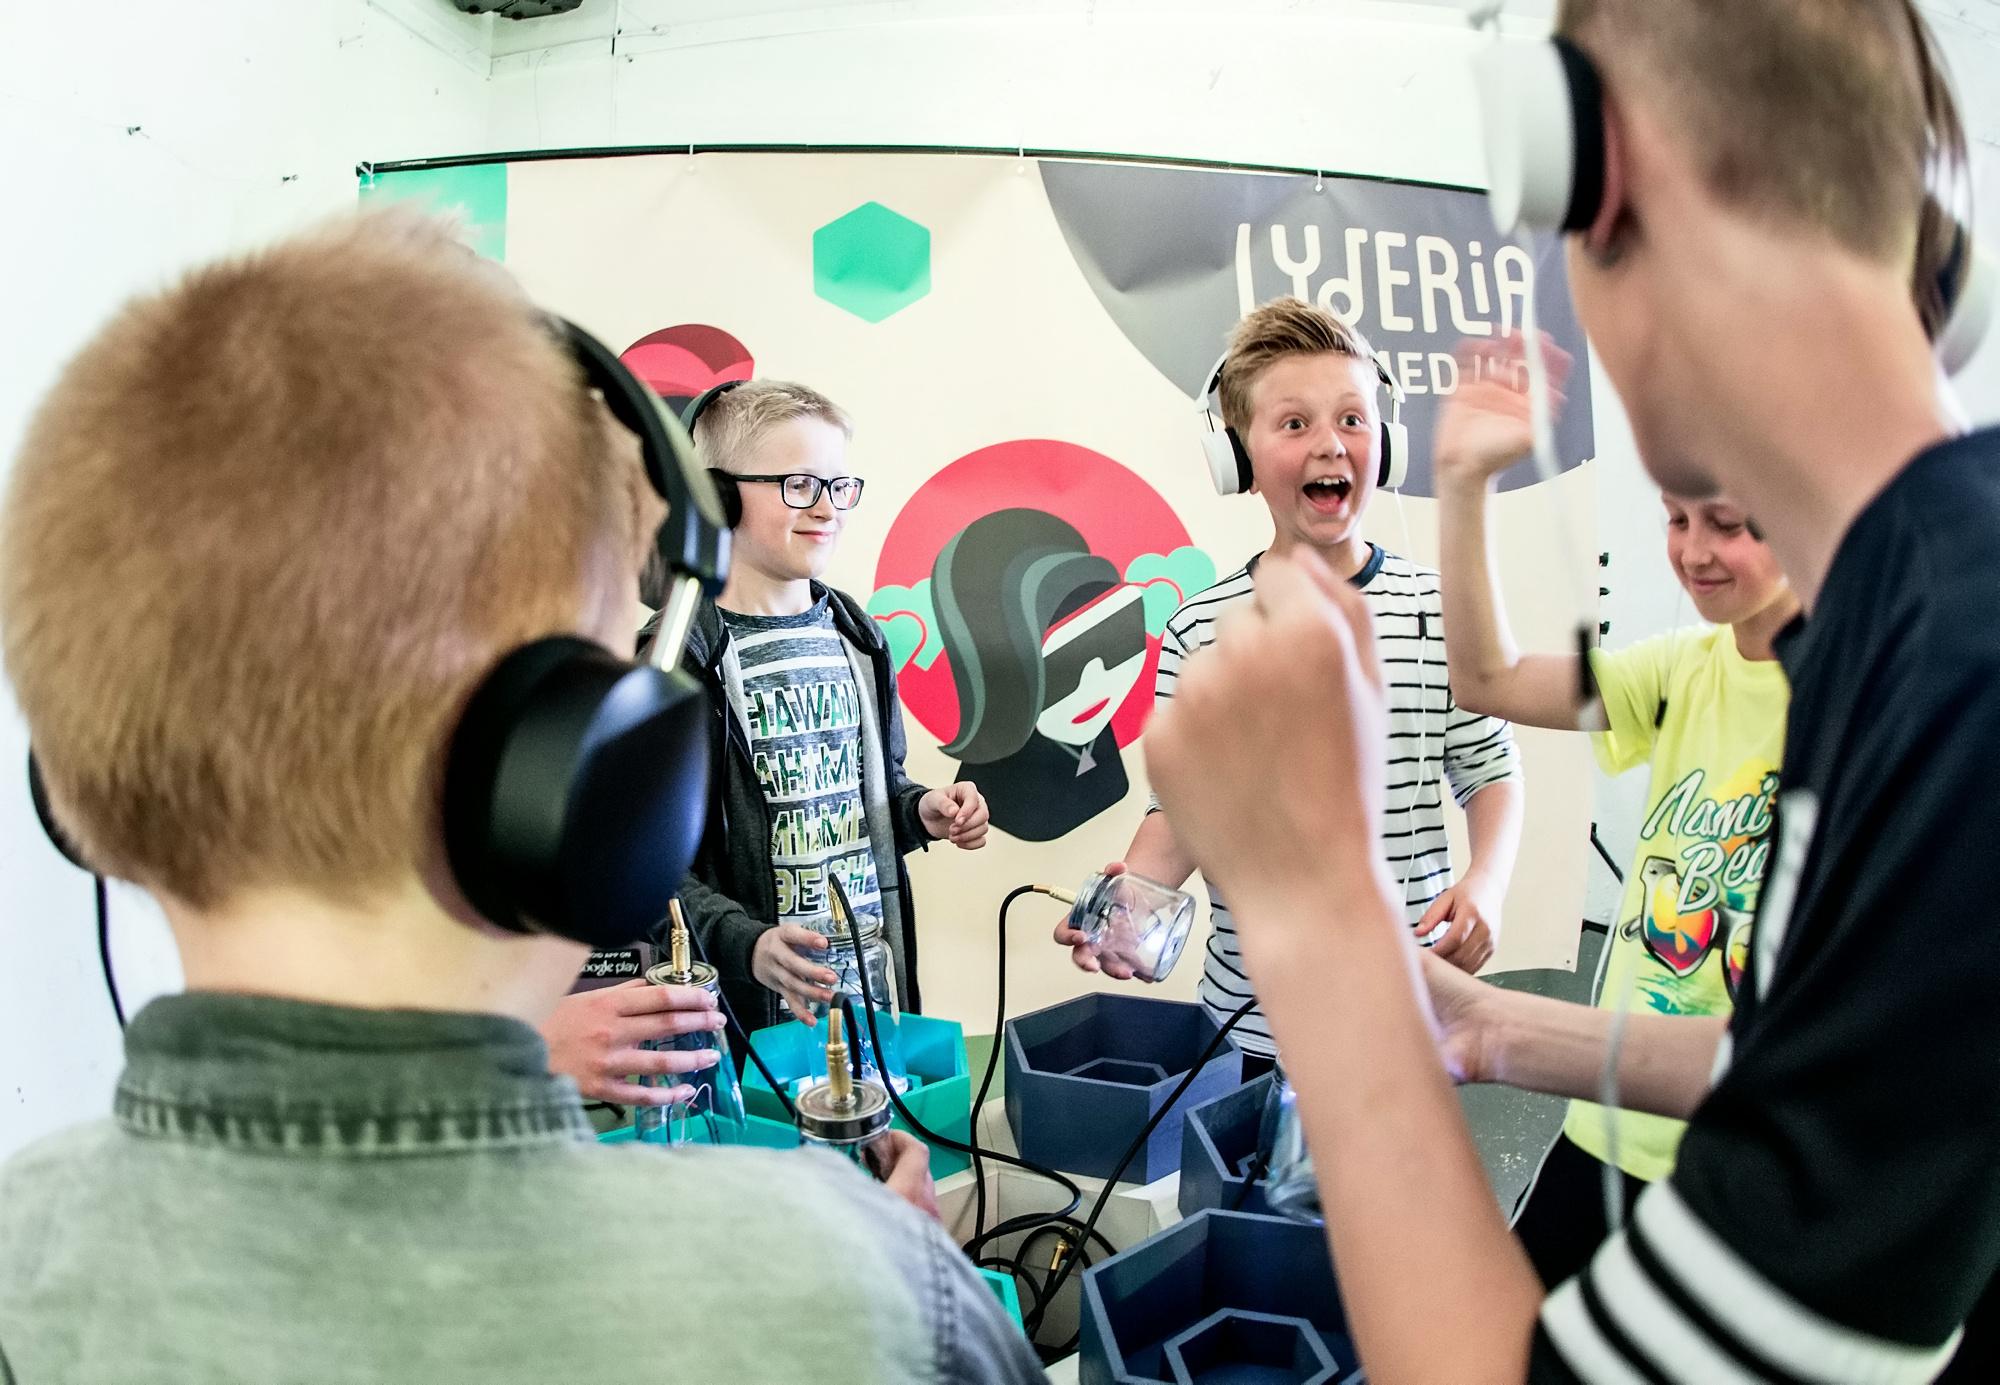 Barn utforsker en lyd-installasjon pået Lyderia-event i Stavanger.